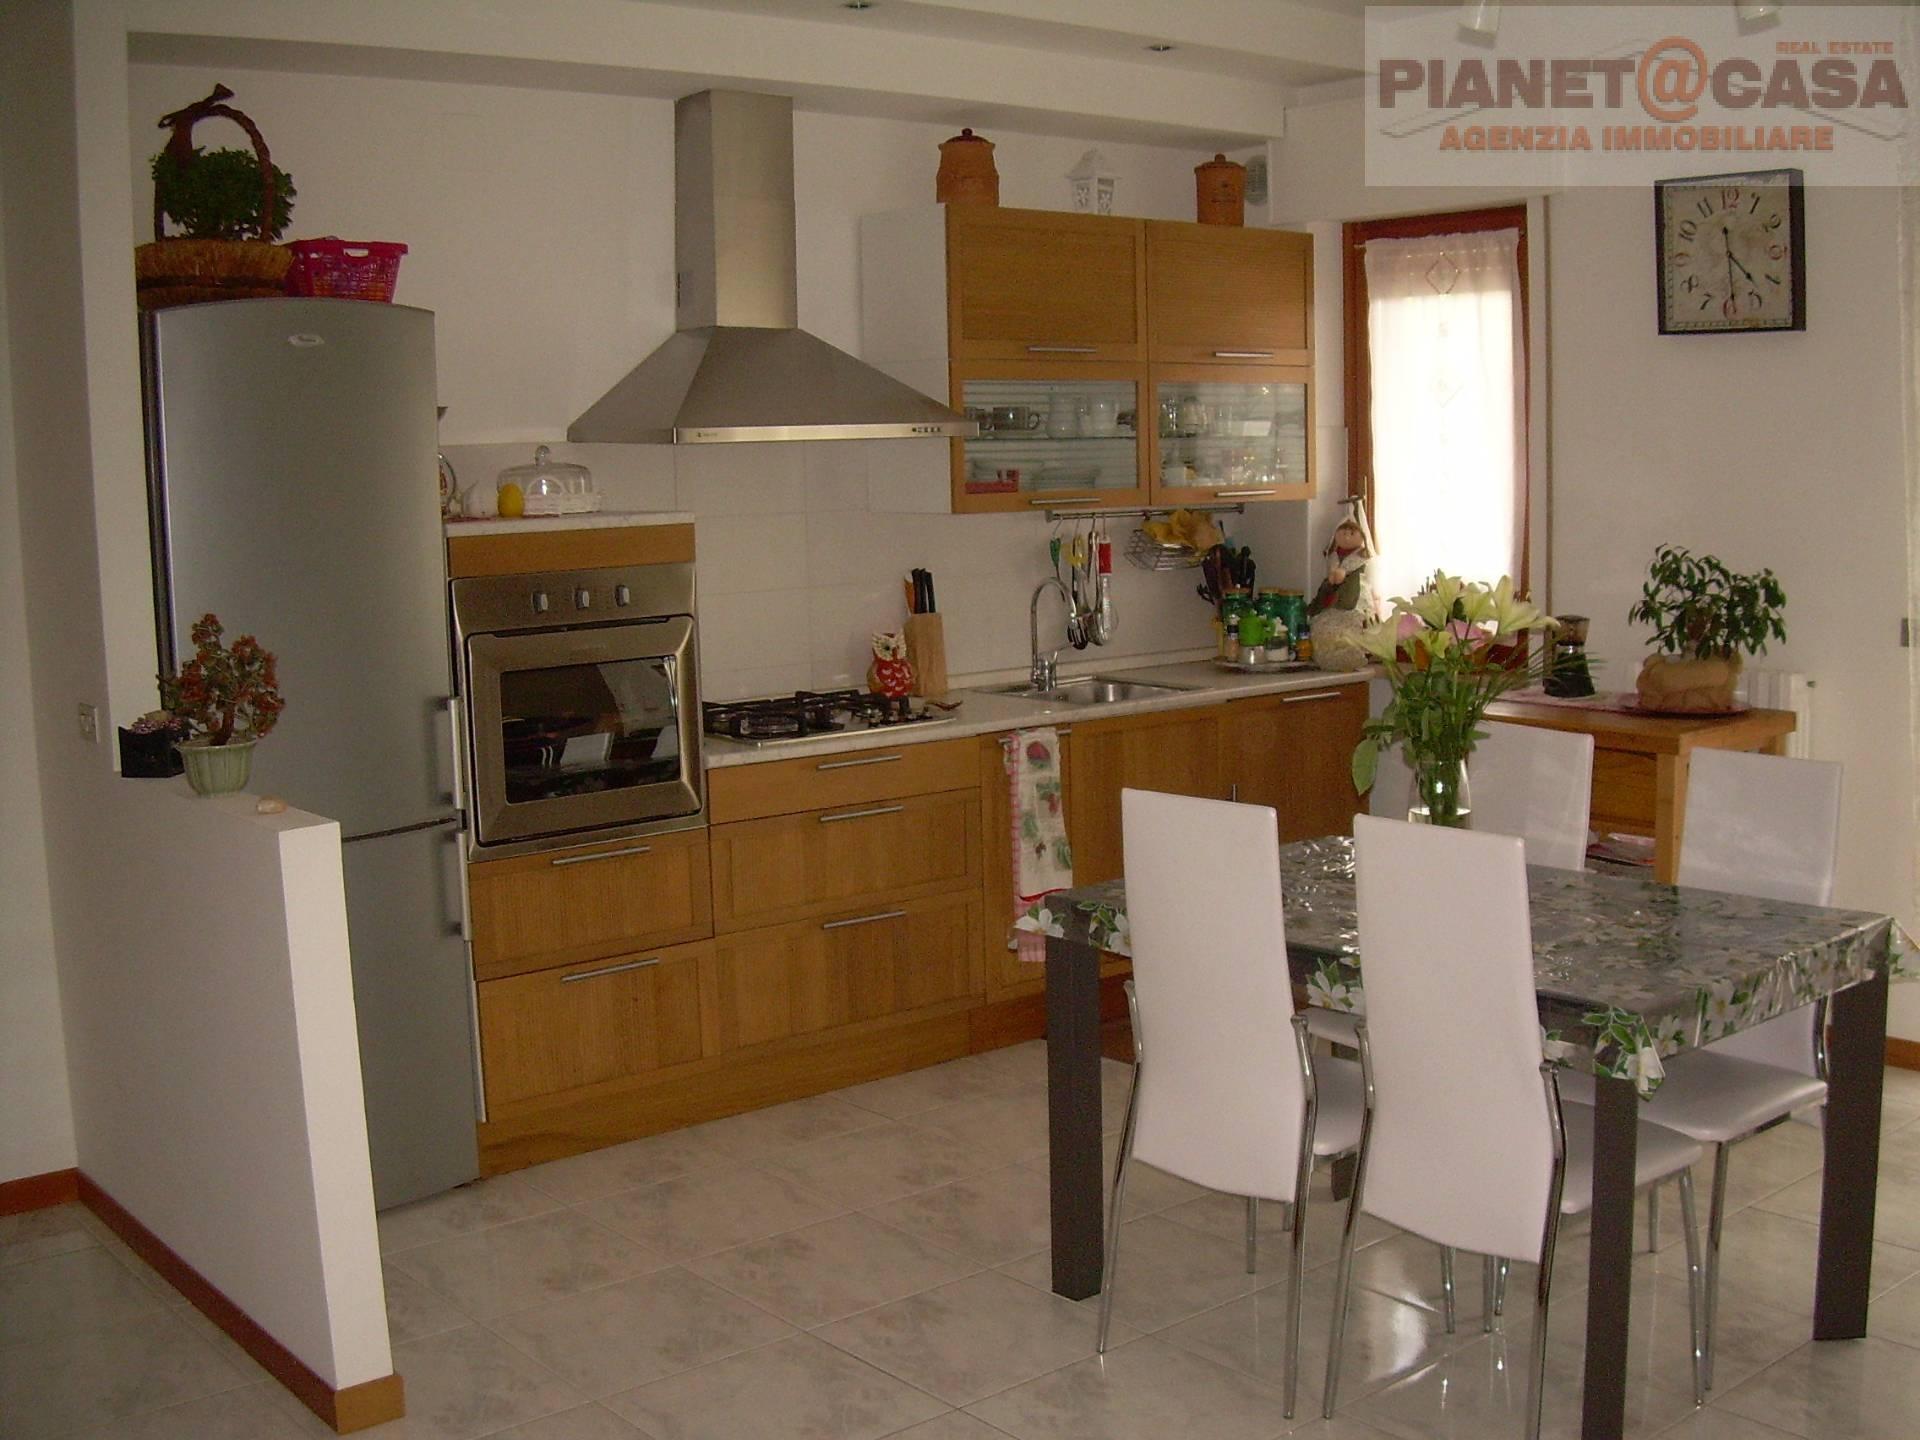 Appartamento in vendita a Castel di Lama, 4 locali, prezzo € 95.000 | CambioCasa.it